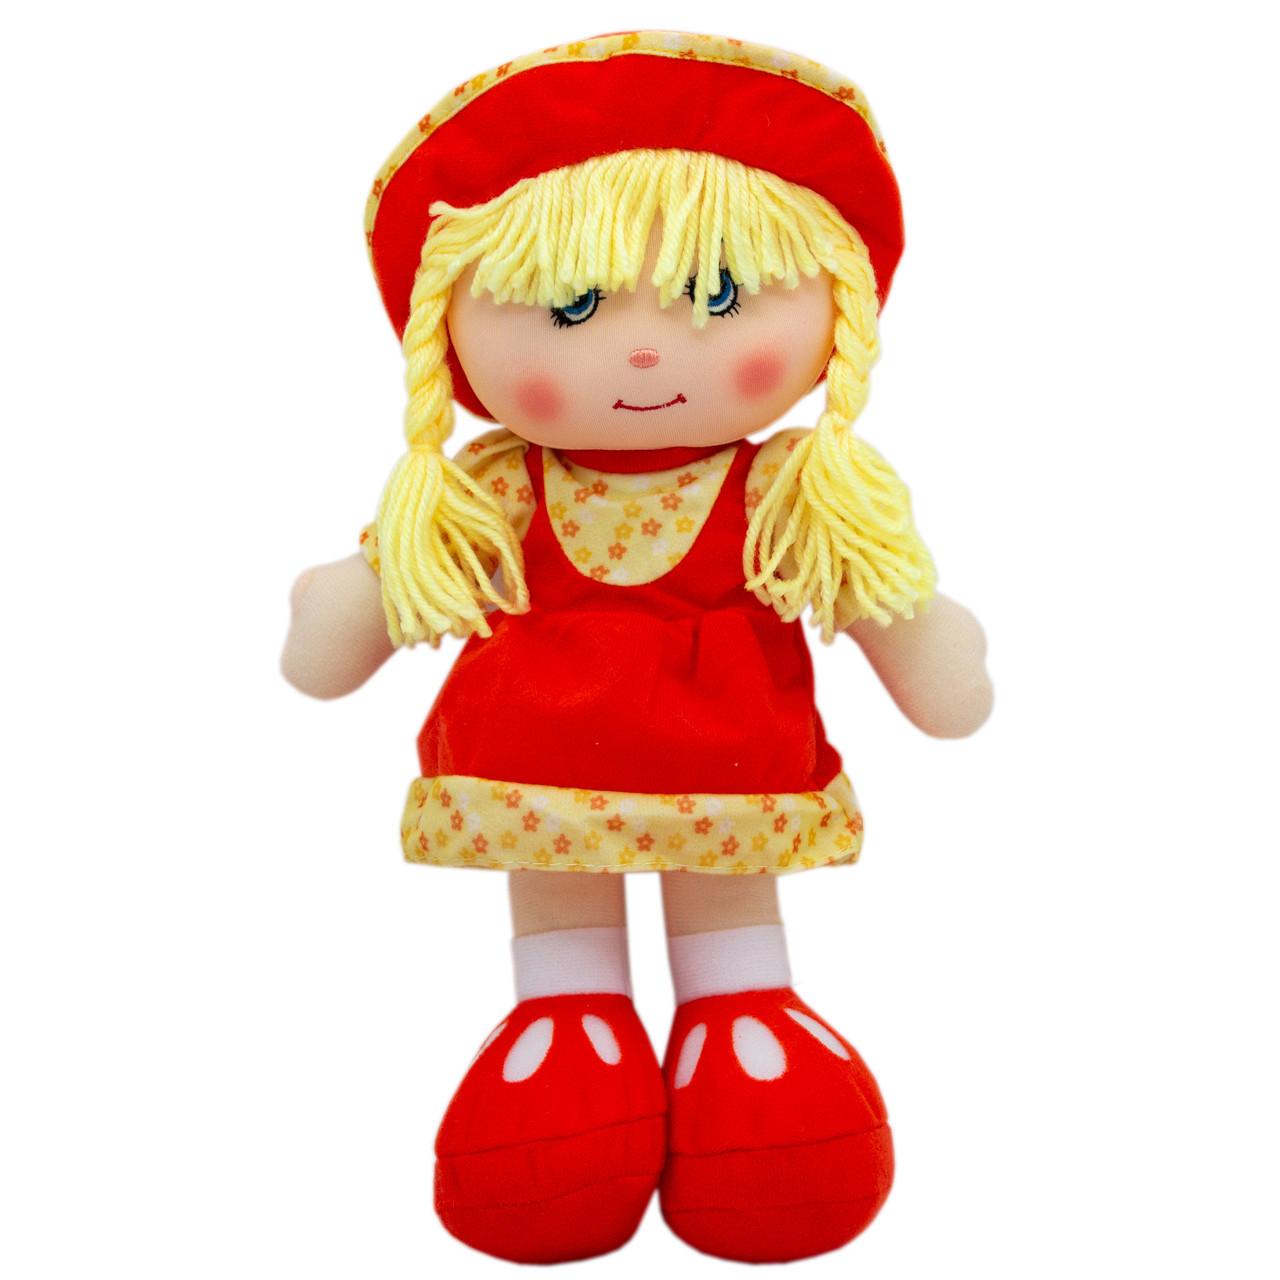 Кукла мягконабивная с вышитым лицом, 36 см, красная (53514-1)